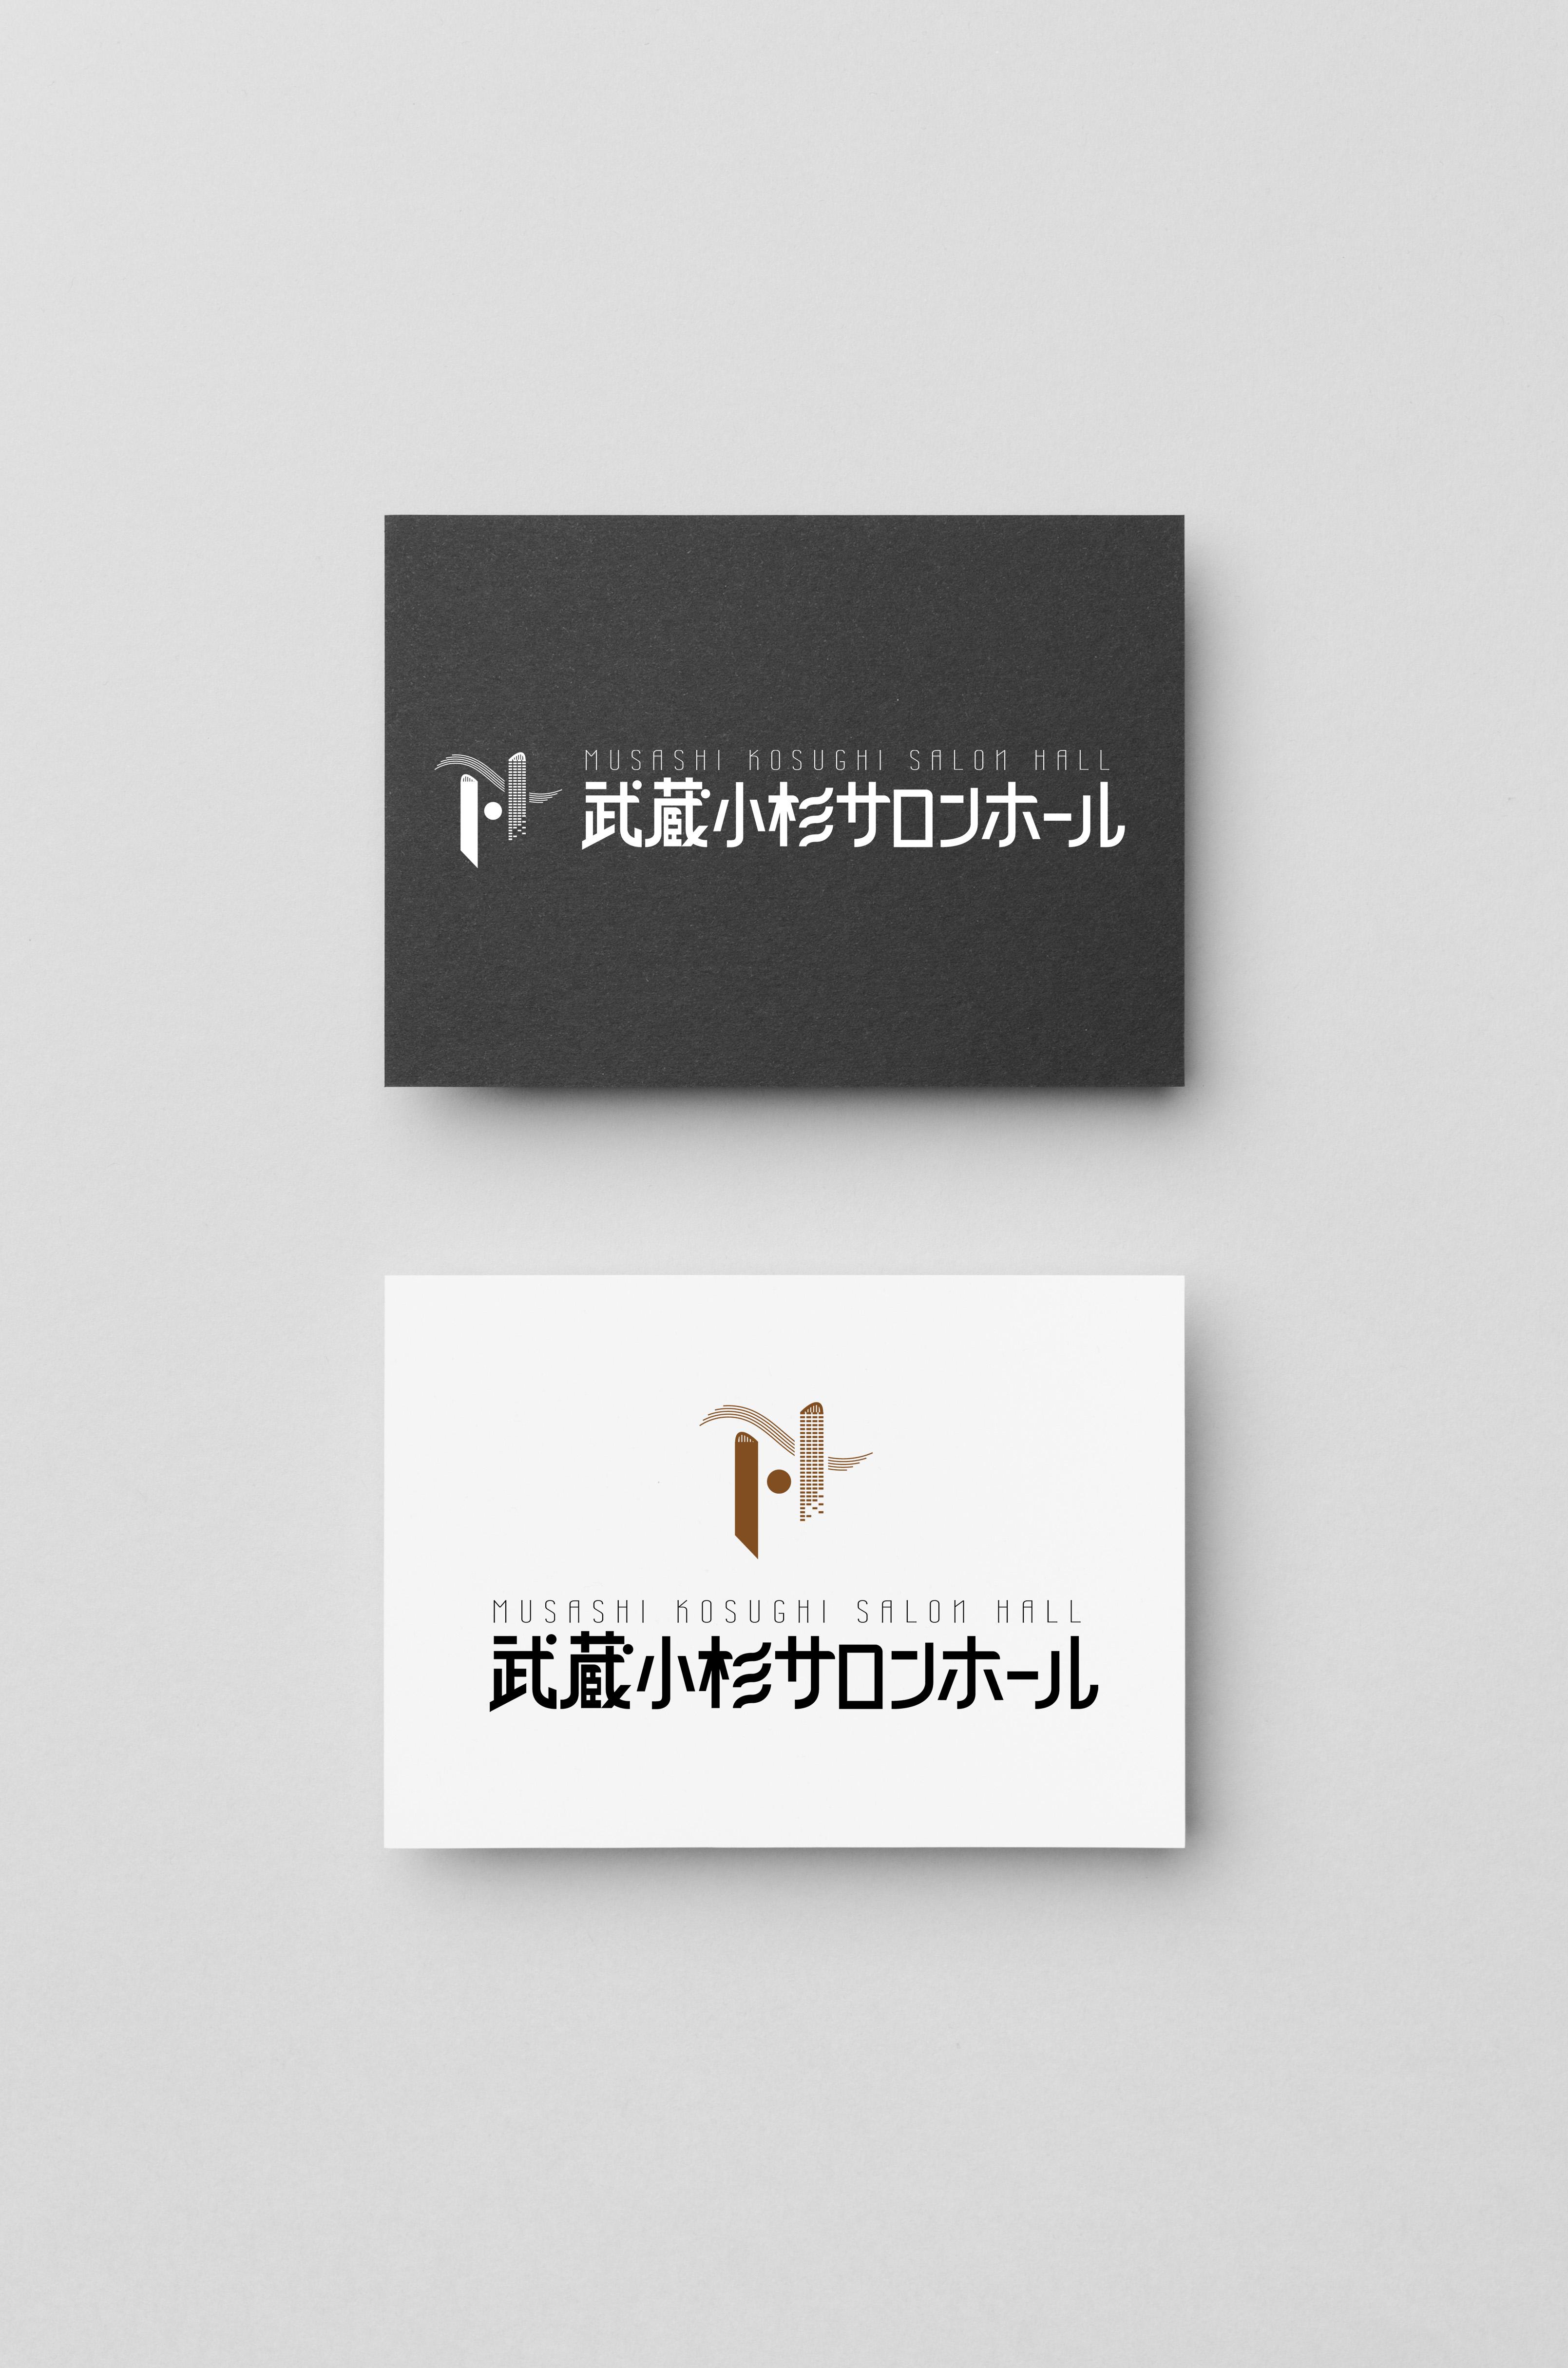 武蔵小杉サロンホールロゴデザイン